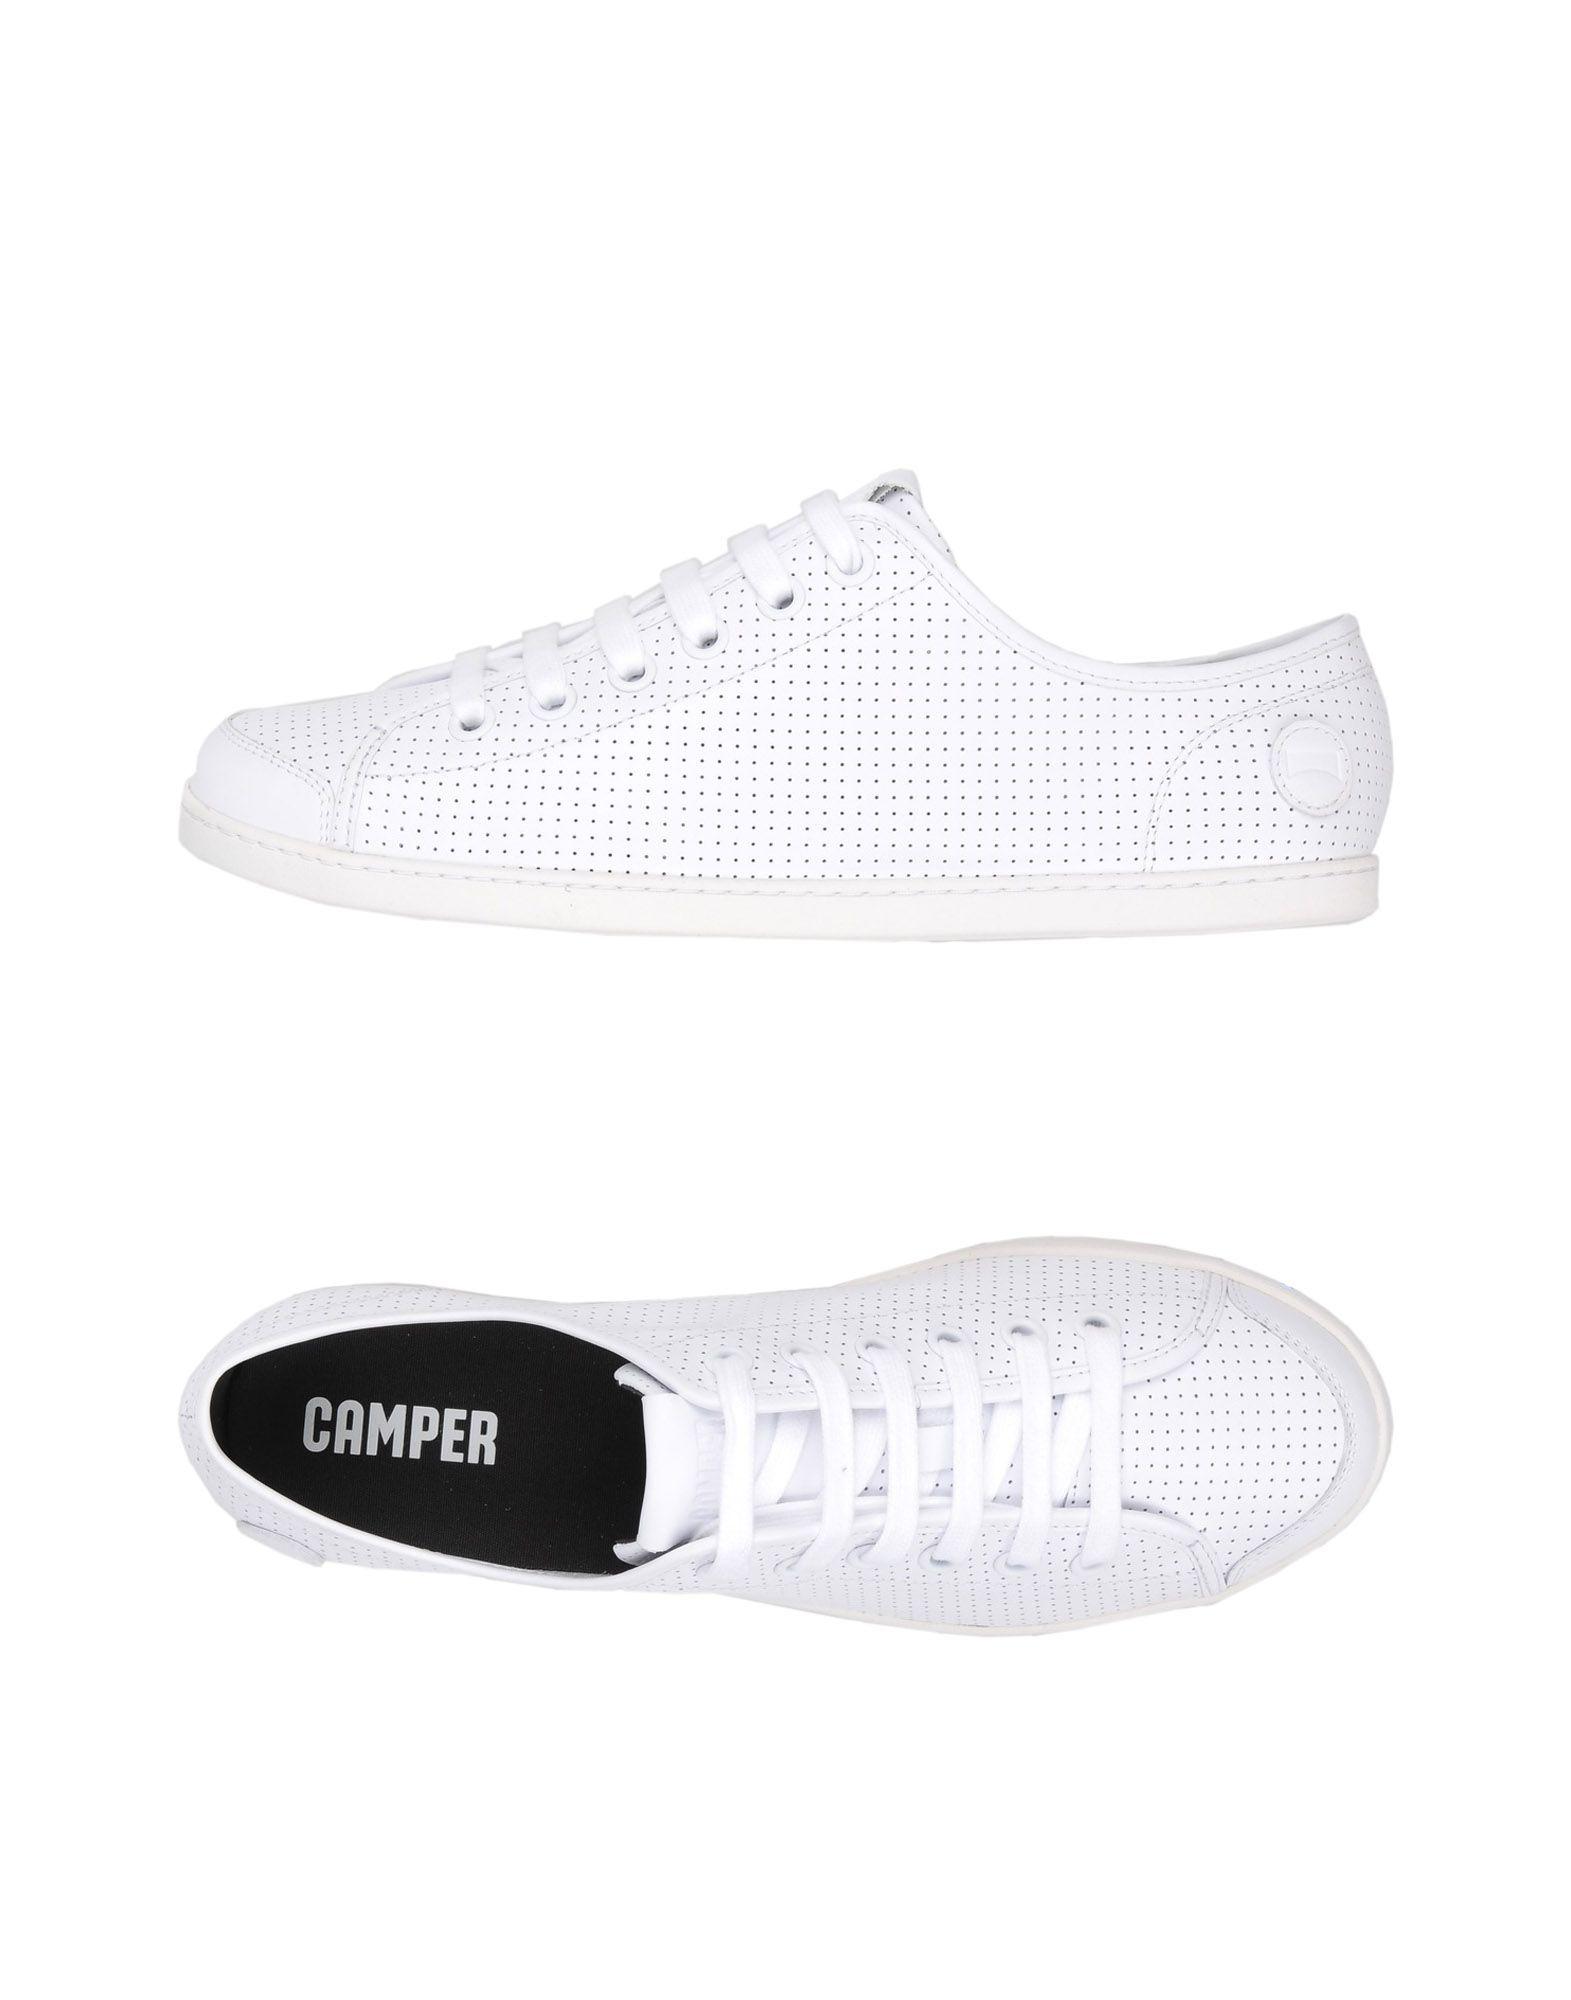 Sneakers Camper Uno - Uomo - 11449335CM 11449335CM 11449335CM 787e70